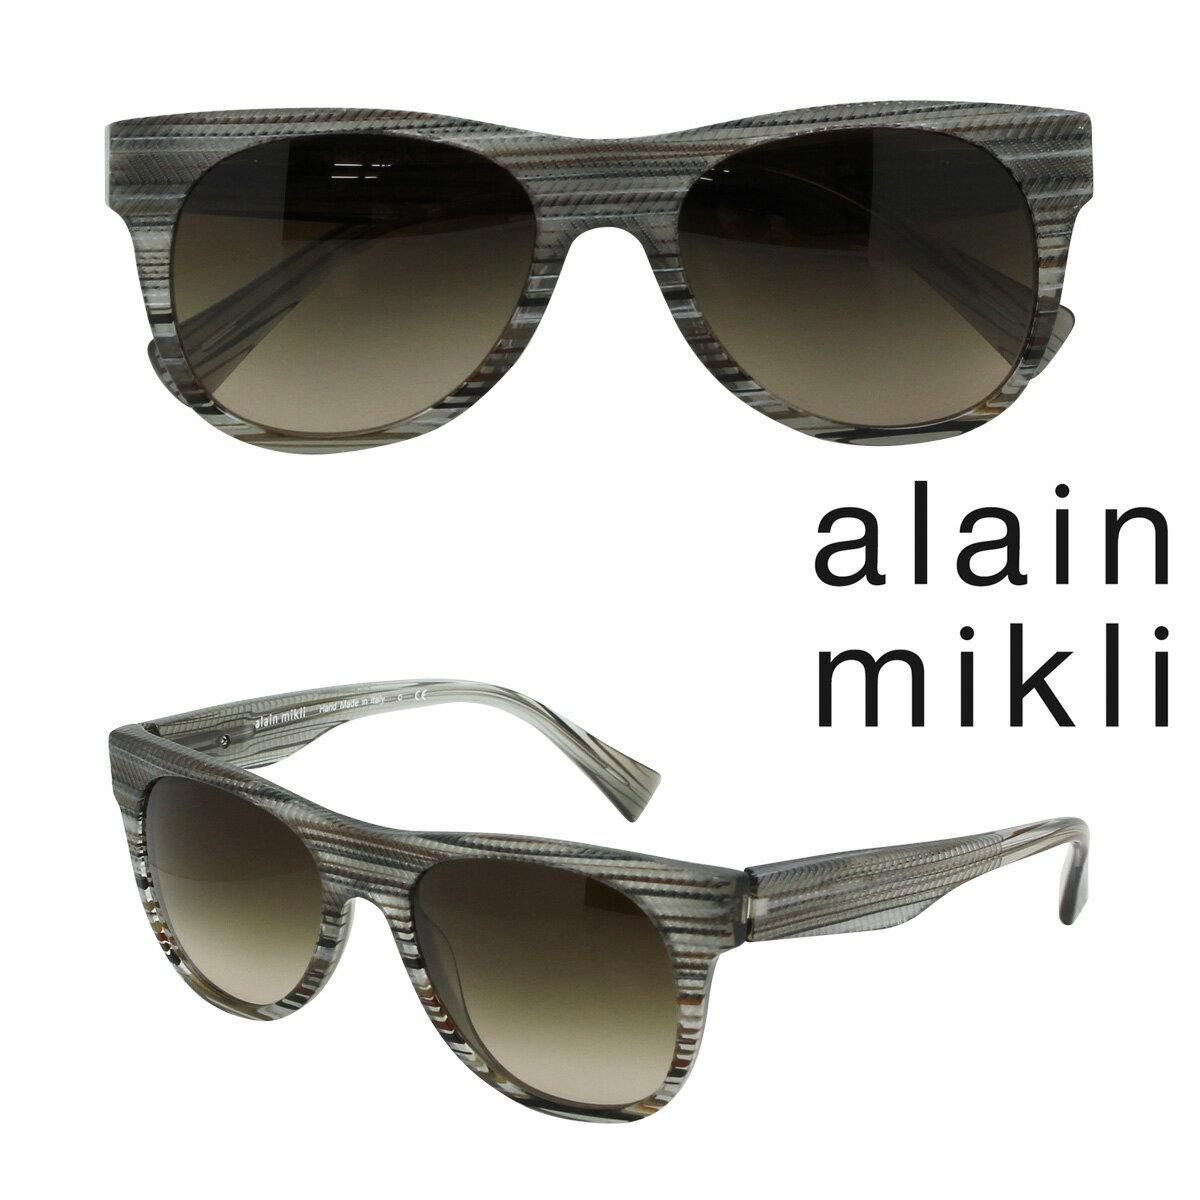 アランミクリ alain mikli サングラス メガネ 眼鏡 イタリア製 メンズ レディース 【返品不可】